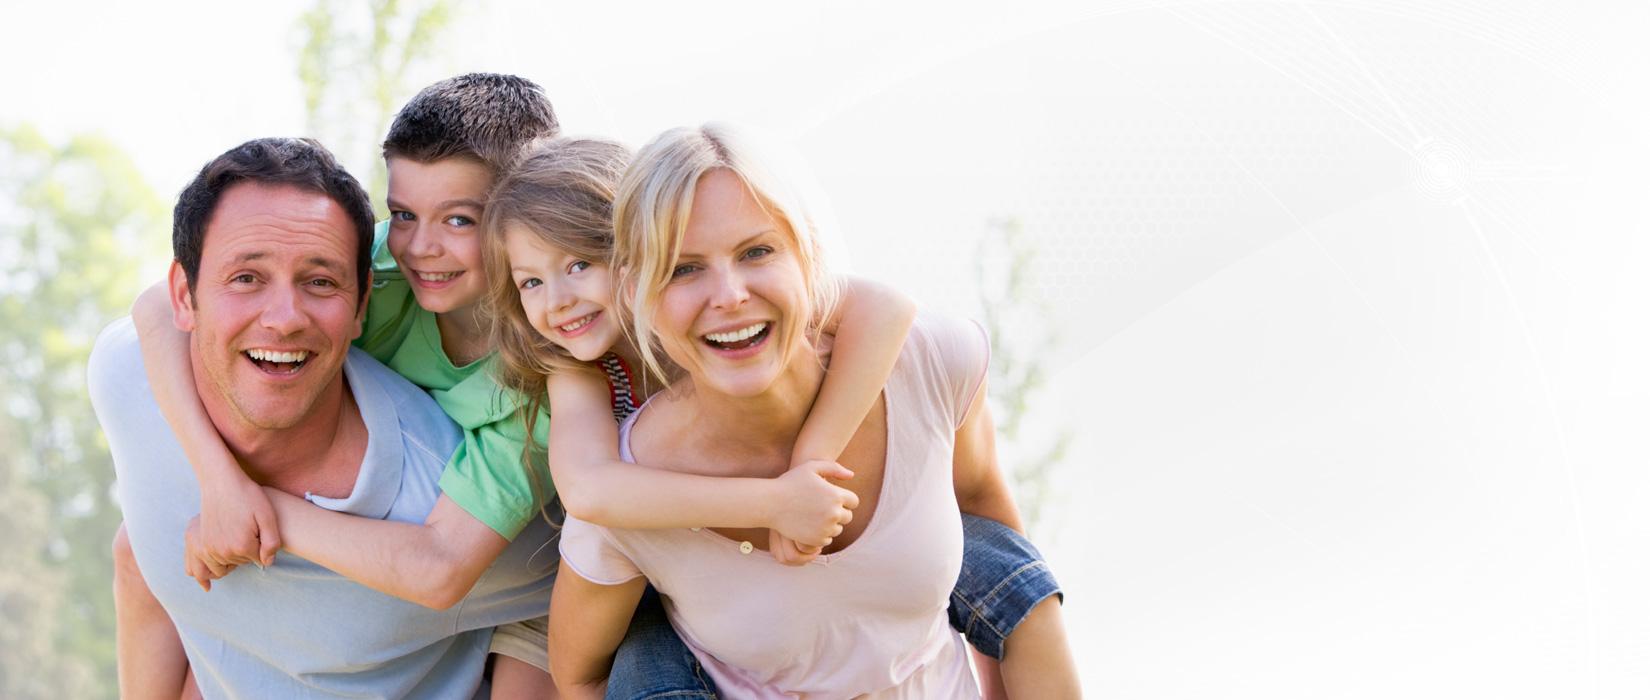 аллергия на смесь у детей до года фото